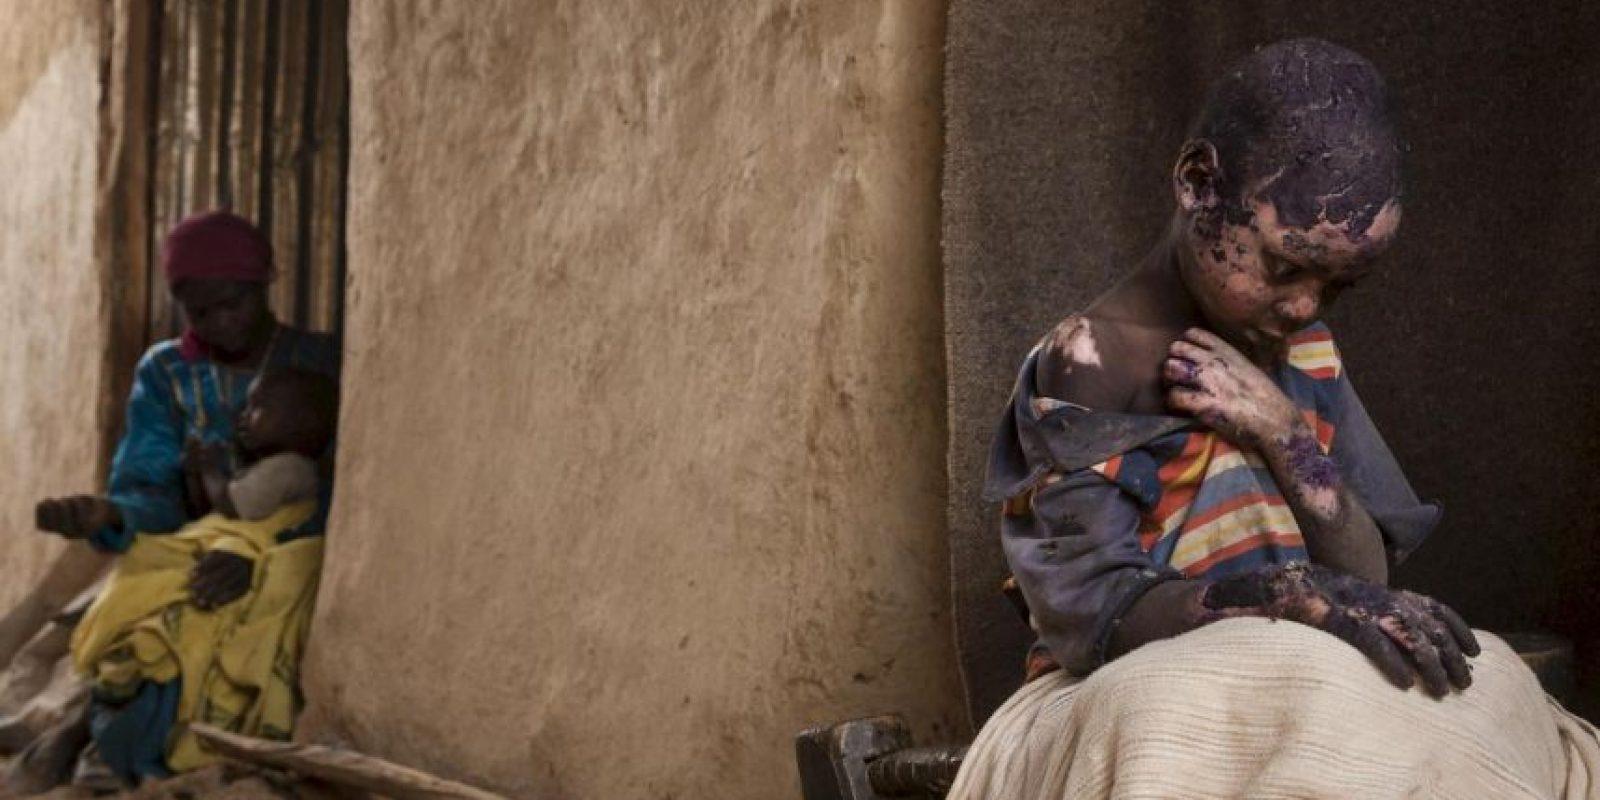 Adriane Ohanesian. Muestra a un niño con extremas quemaduras después de que cayó una bomba en Sudán. Foto:worldpressphoto.org